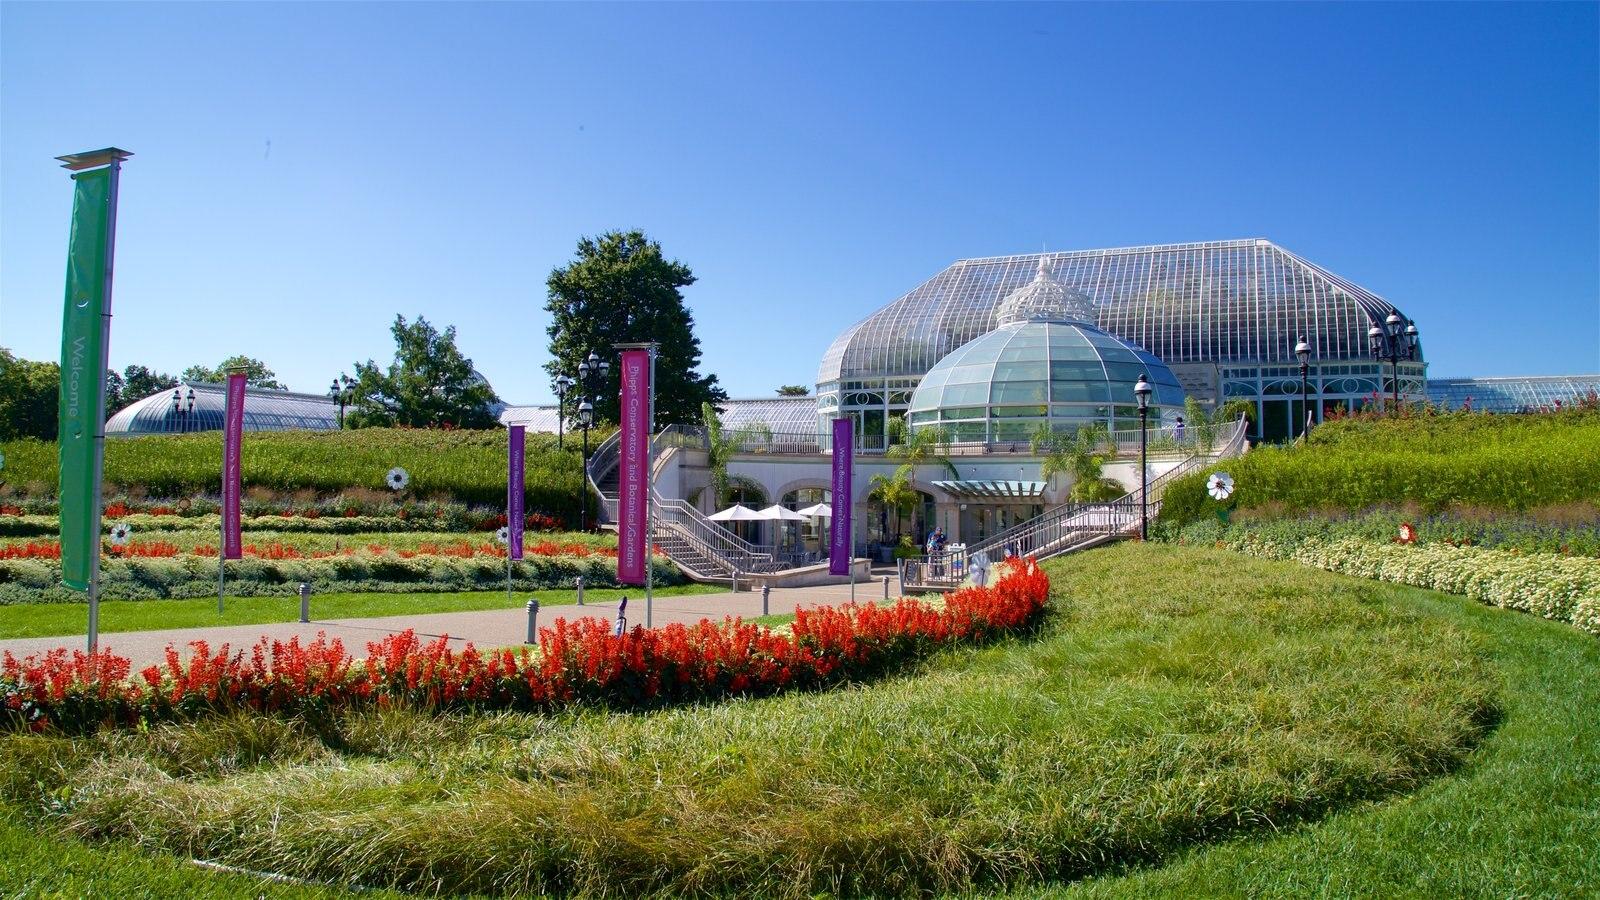 Phipps Conservatory mostrando flores silvestres e um parque